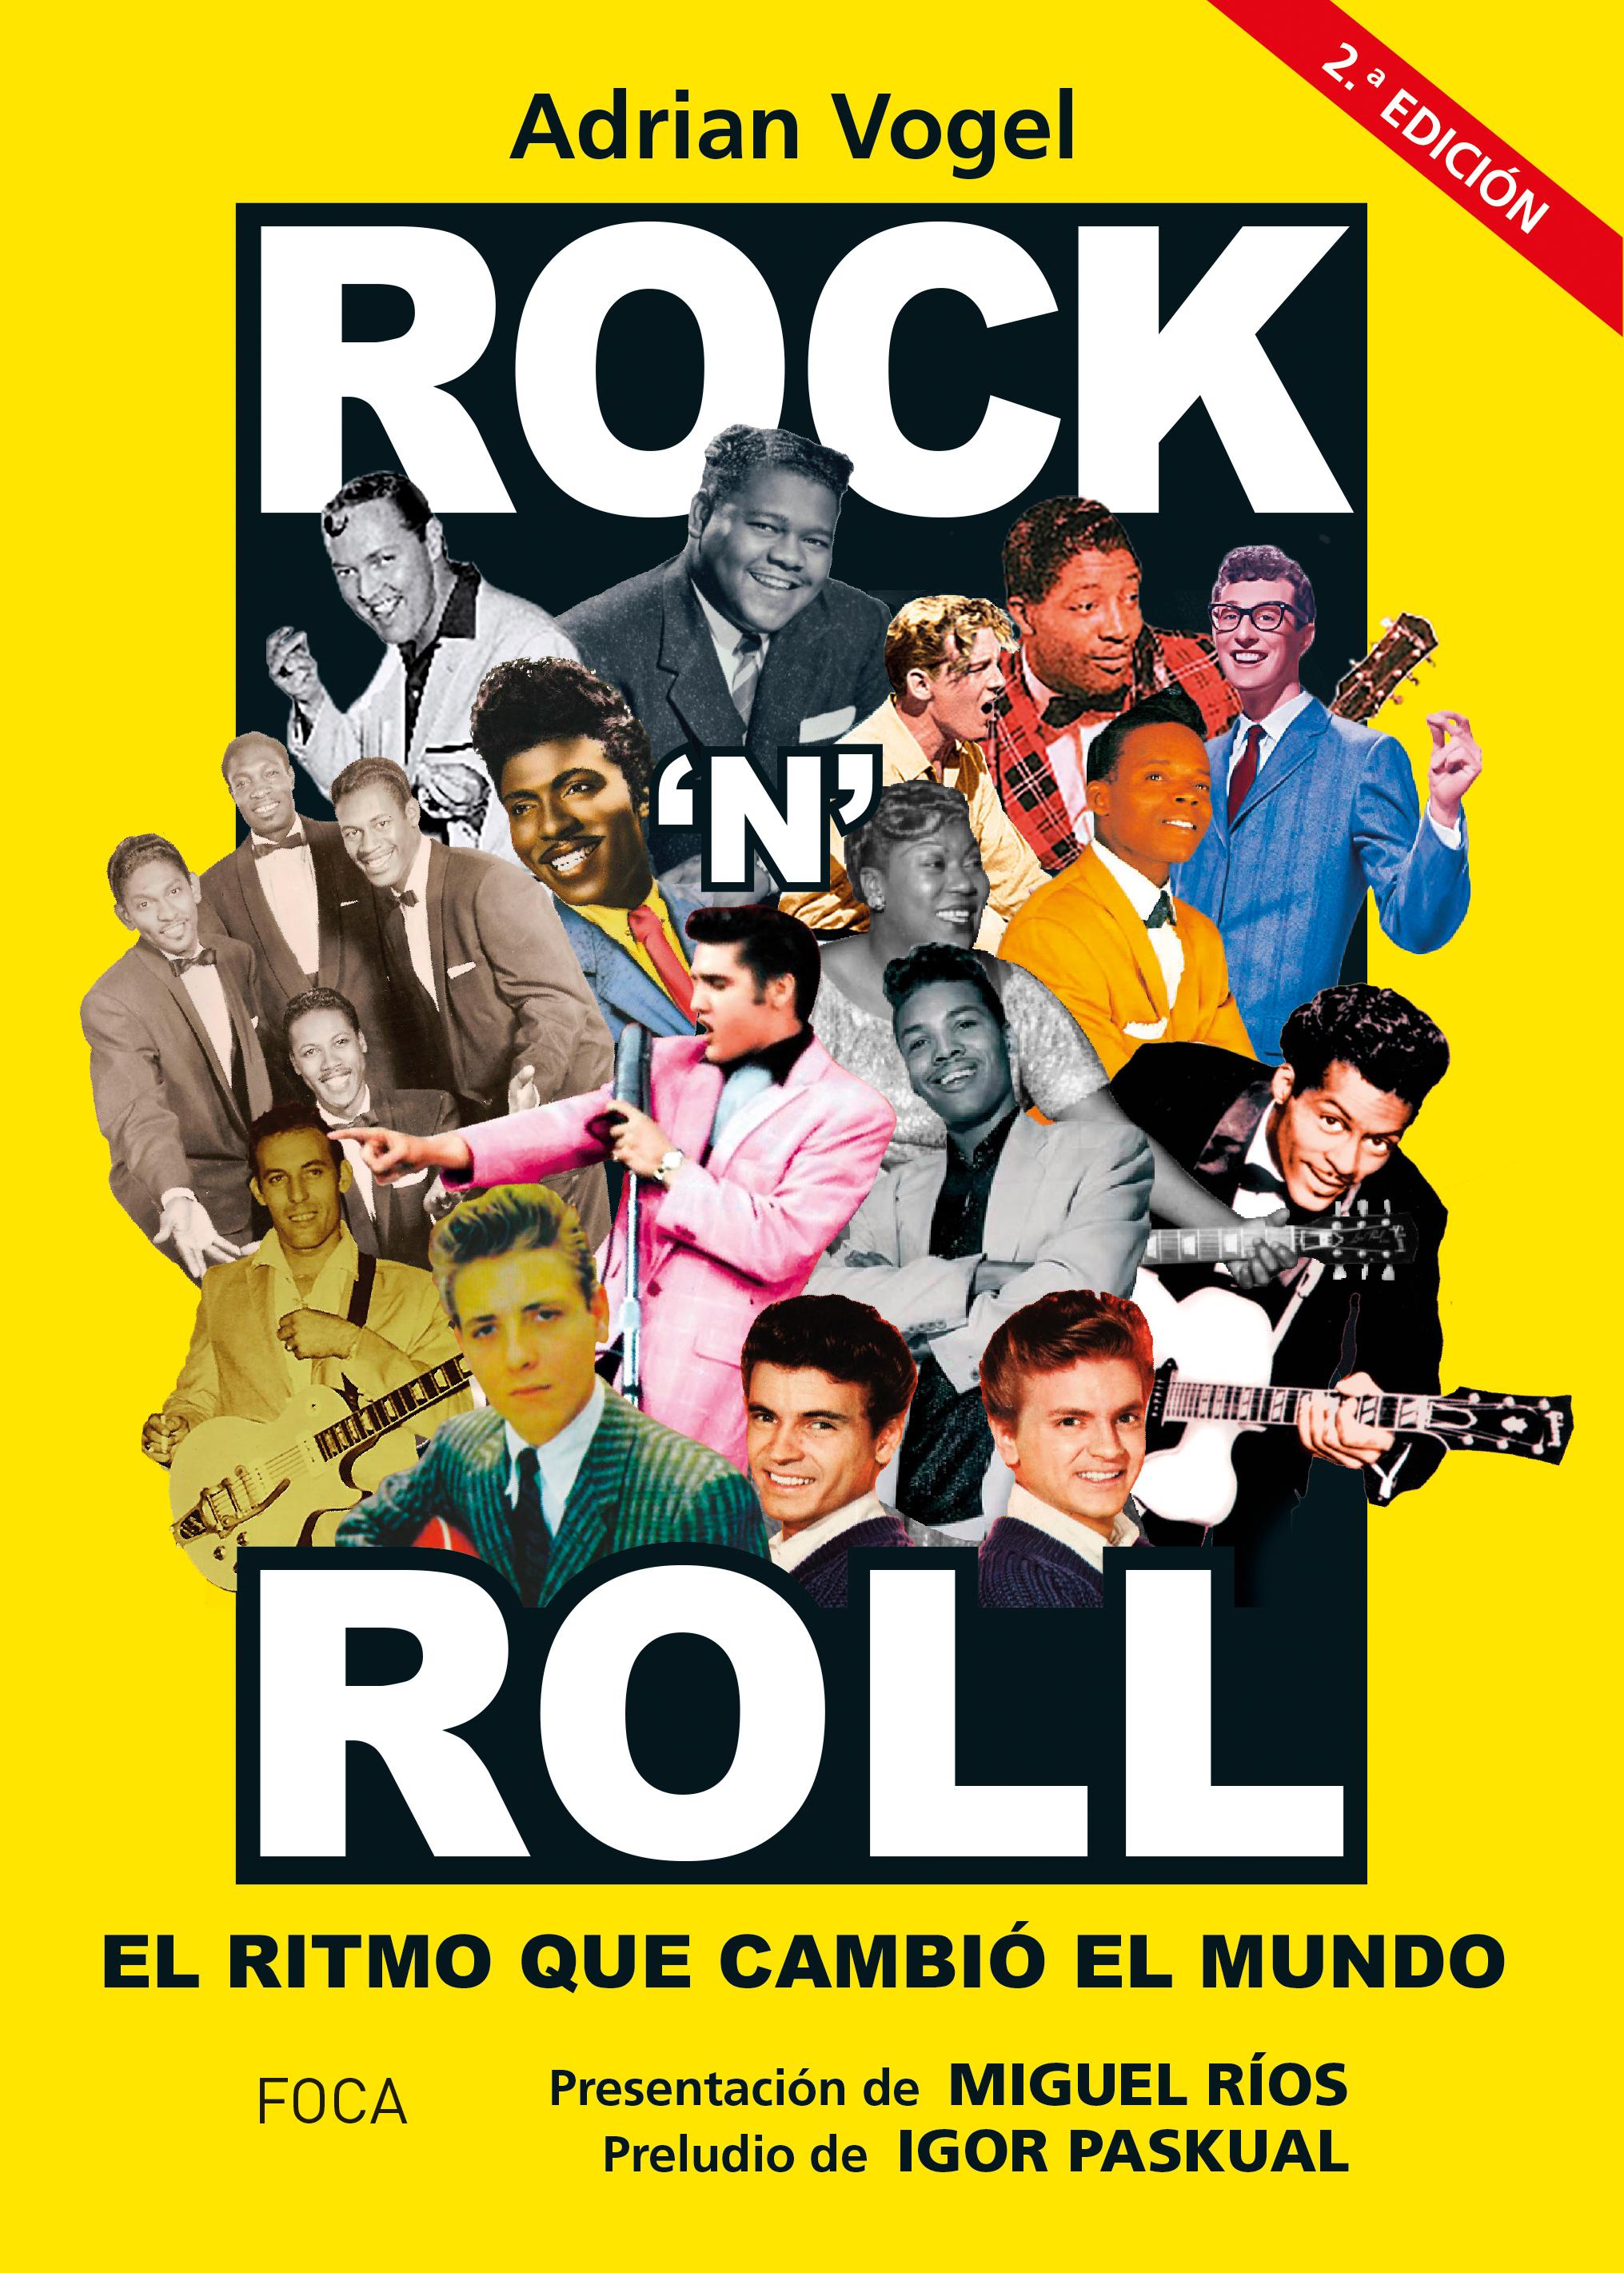 Rock n roll 2a ed.indd